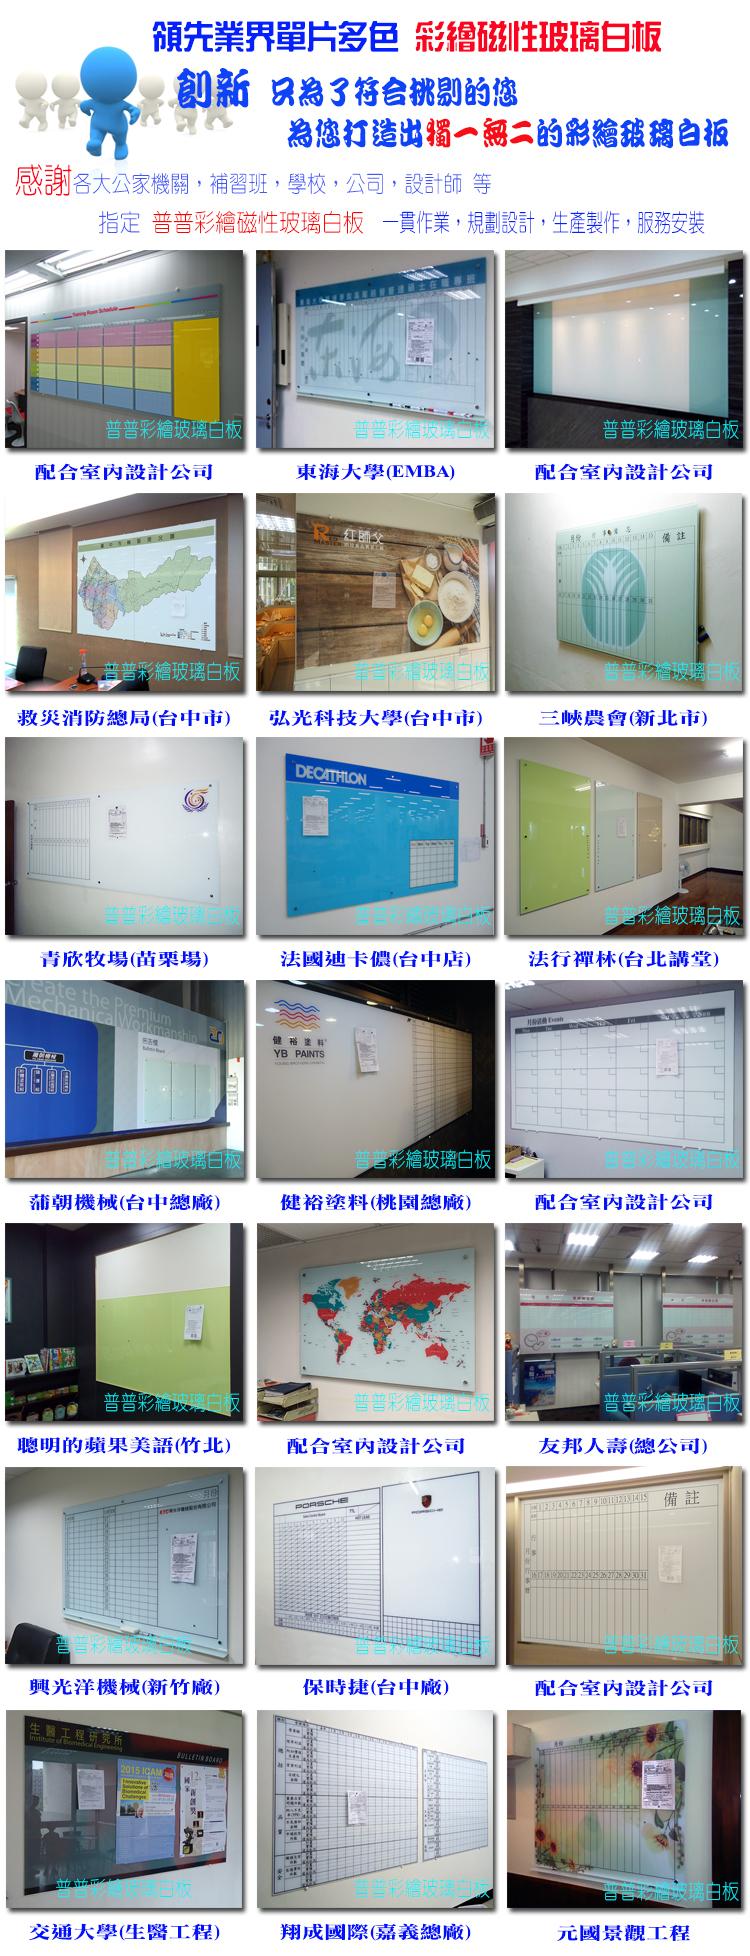 台中弘光科技大學、彩繪磁性玻璃白板,台中玻璃白板